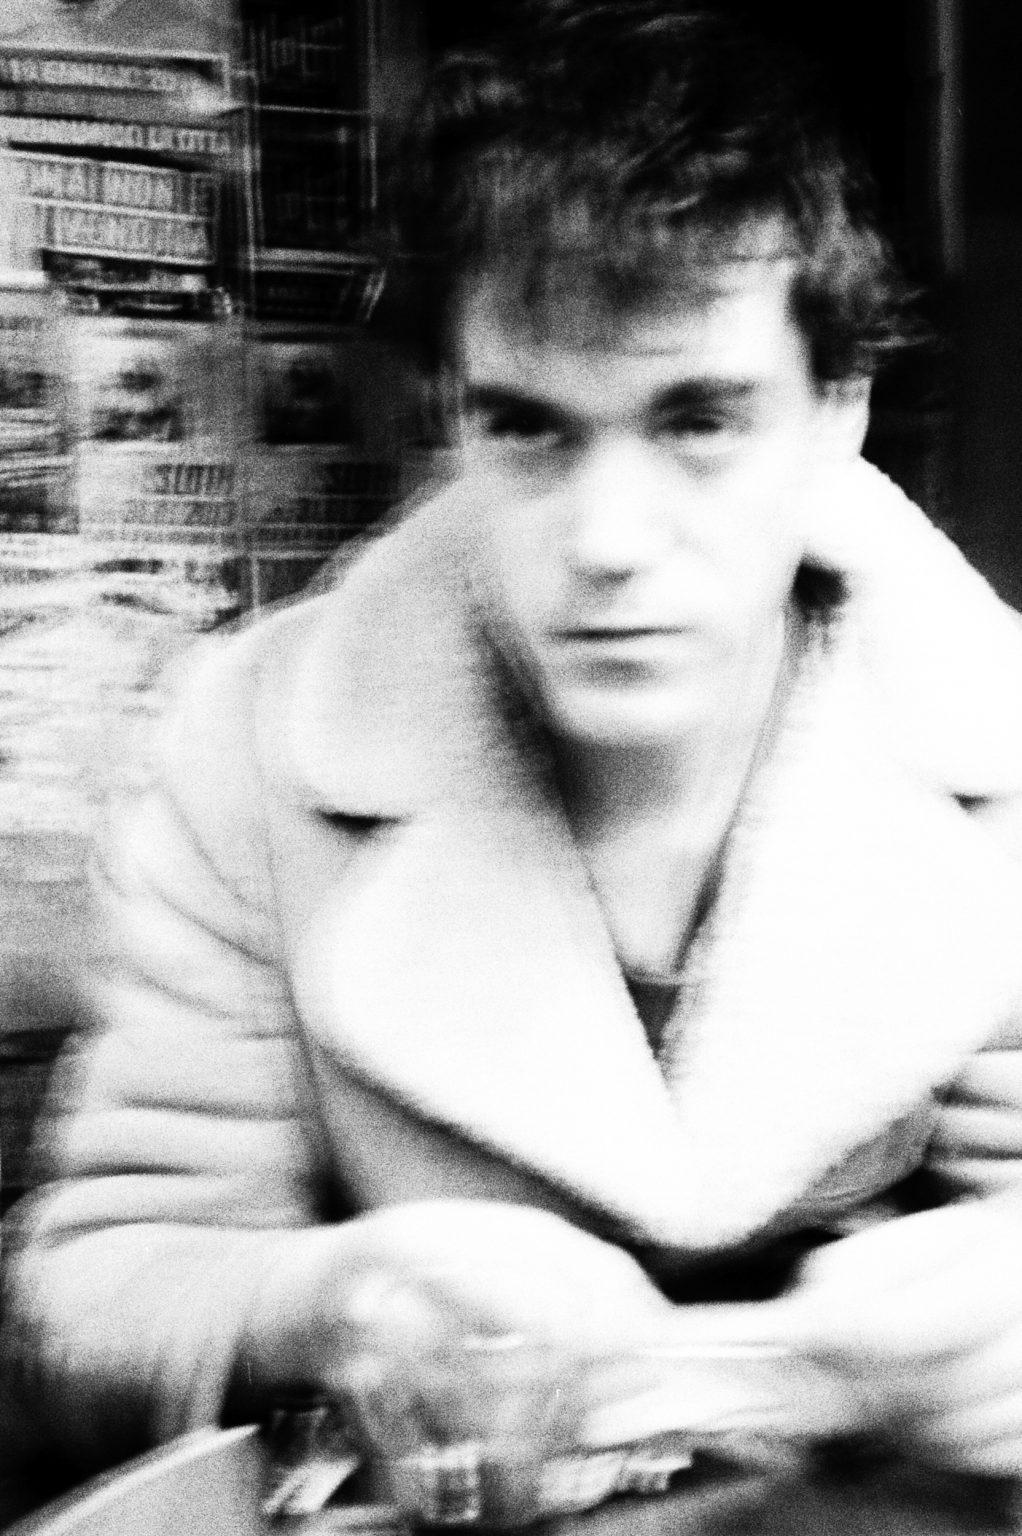 """Rome, 2017- """"Rome Diary"""" ( Rome 2007-2020)  is a long-term research that documents the city of Rome through stories of places and people. An investigation into different worlds, in a society where relationships, loneliness, abuse, love, nightlife, music and artists are explored, and finally the relationship between people and cities.A young man in a Bar. >< Rome, 2017 -Rome Diary Rome (2007-2020) è una ricerca a lungo termine che documenta la città di Roma attraverso storie di luoghi e  di persone. Un'indagine in mondi diversi, in una società in cui si esplorano le relazioni, la solitudine, gli abusi, l'amore, la vita notturna , la musica e gli artisti, ed infine il rapporto tra persone e città. Un giovane in un bar."""